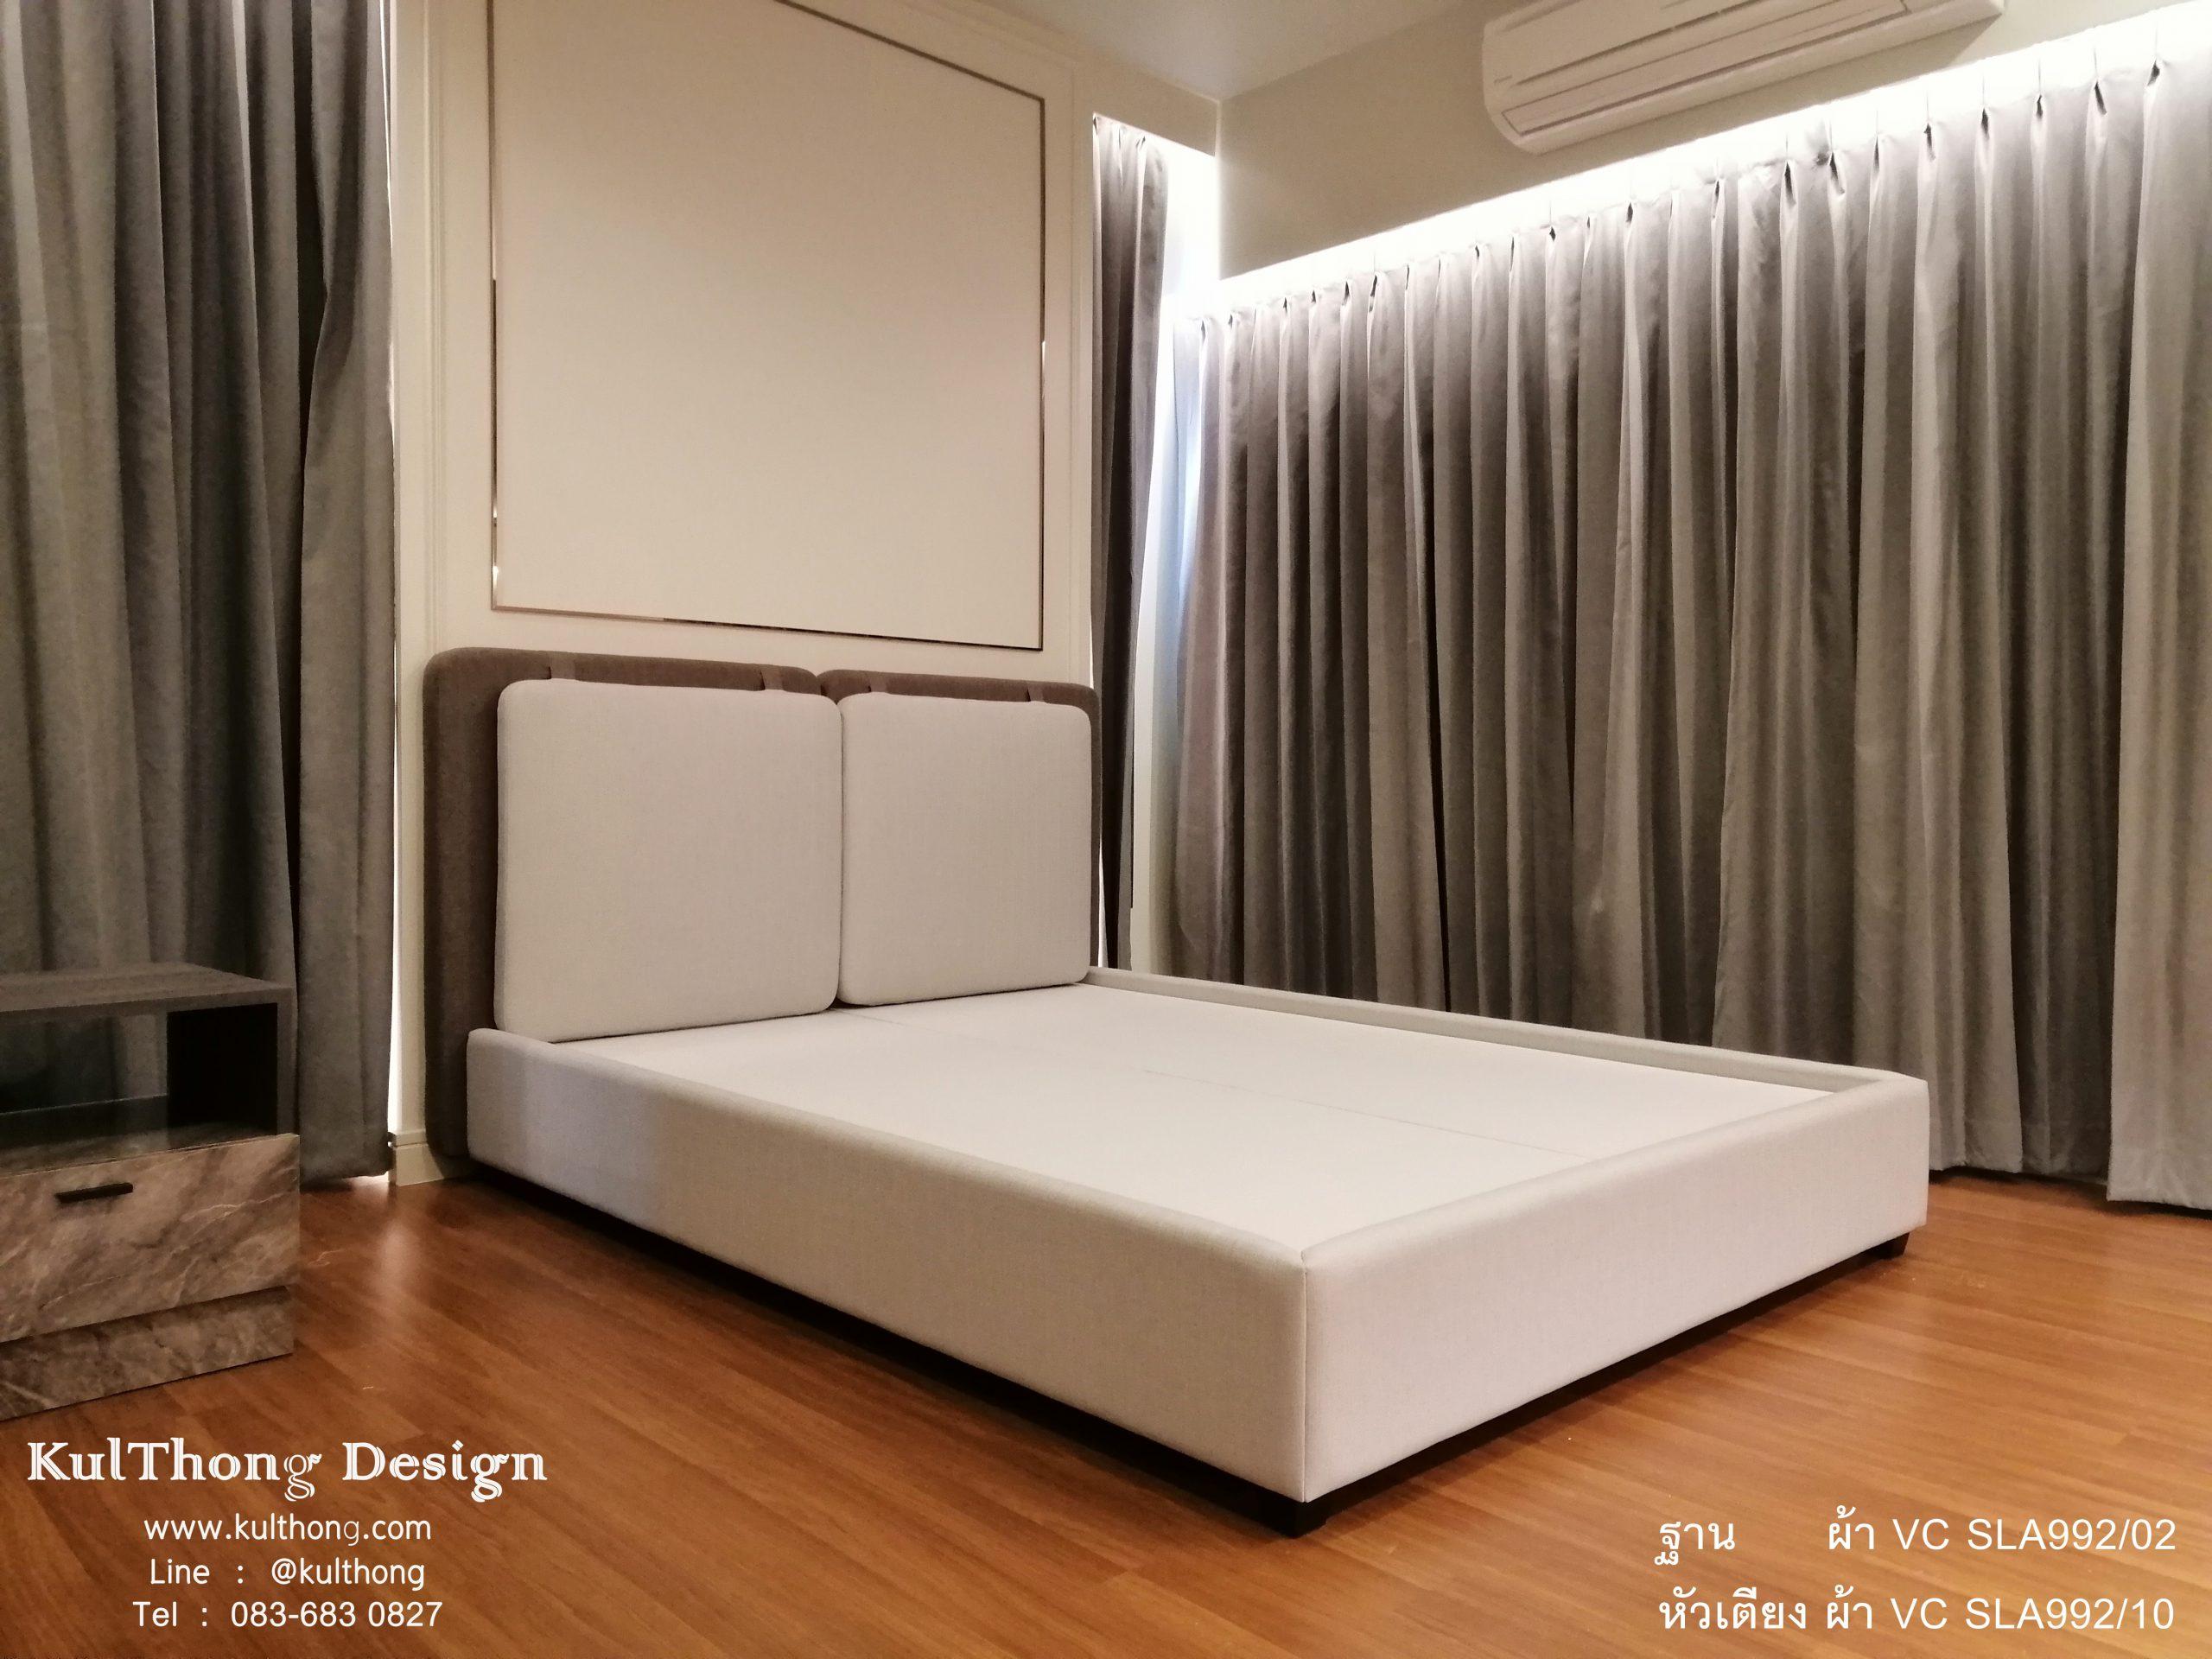 เตียงสั่งทำ เตียงดีไซน์ ฐานรองที่นอน